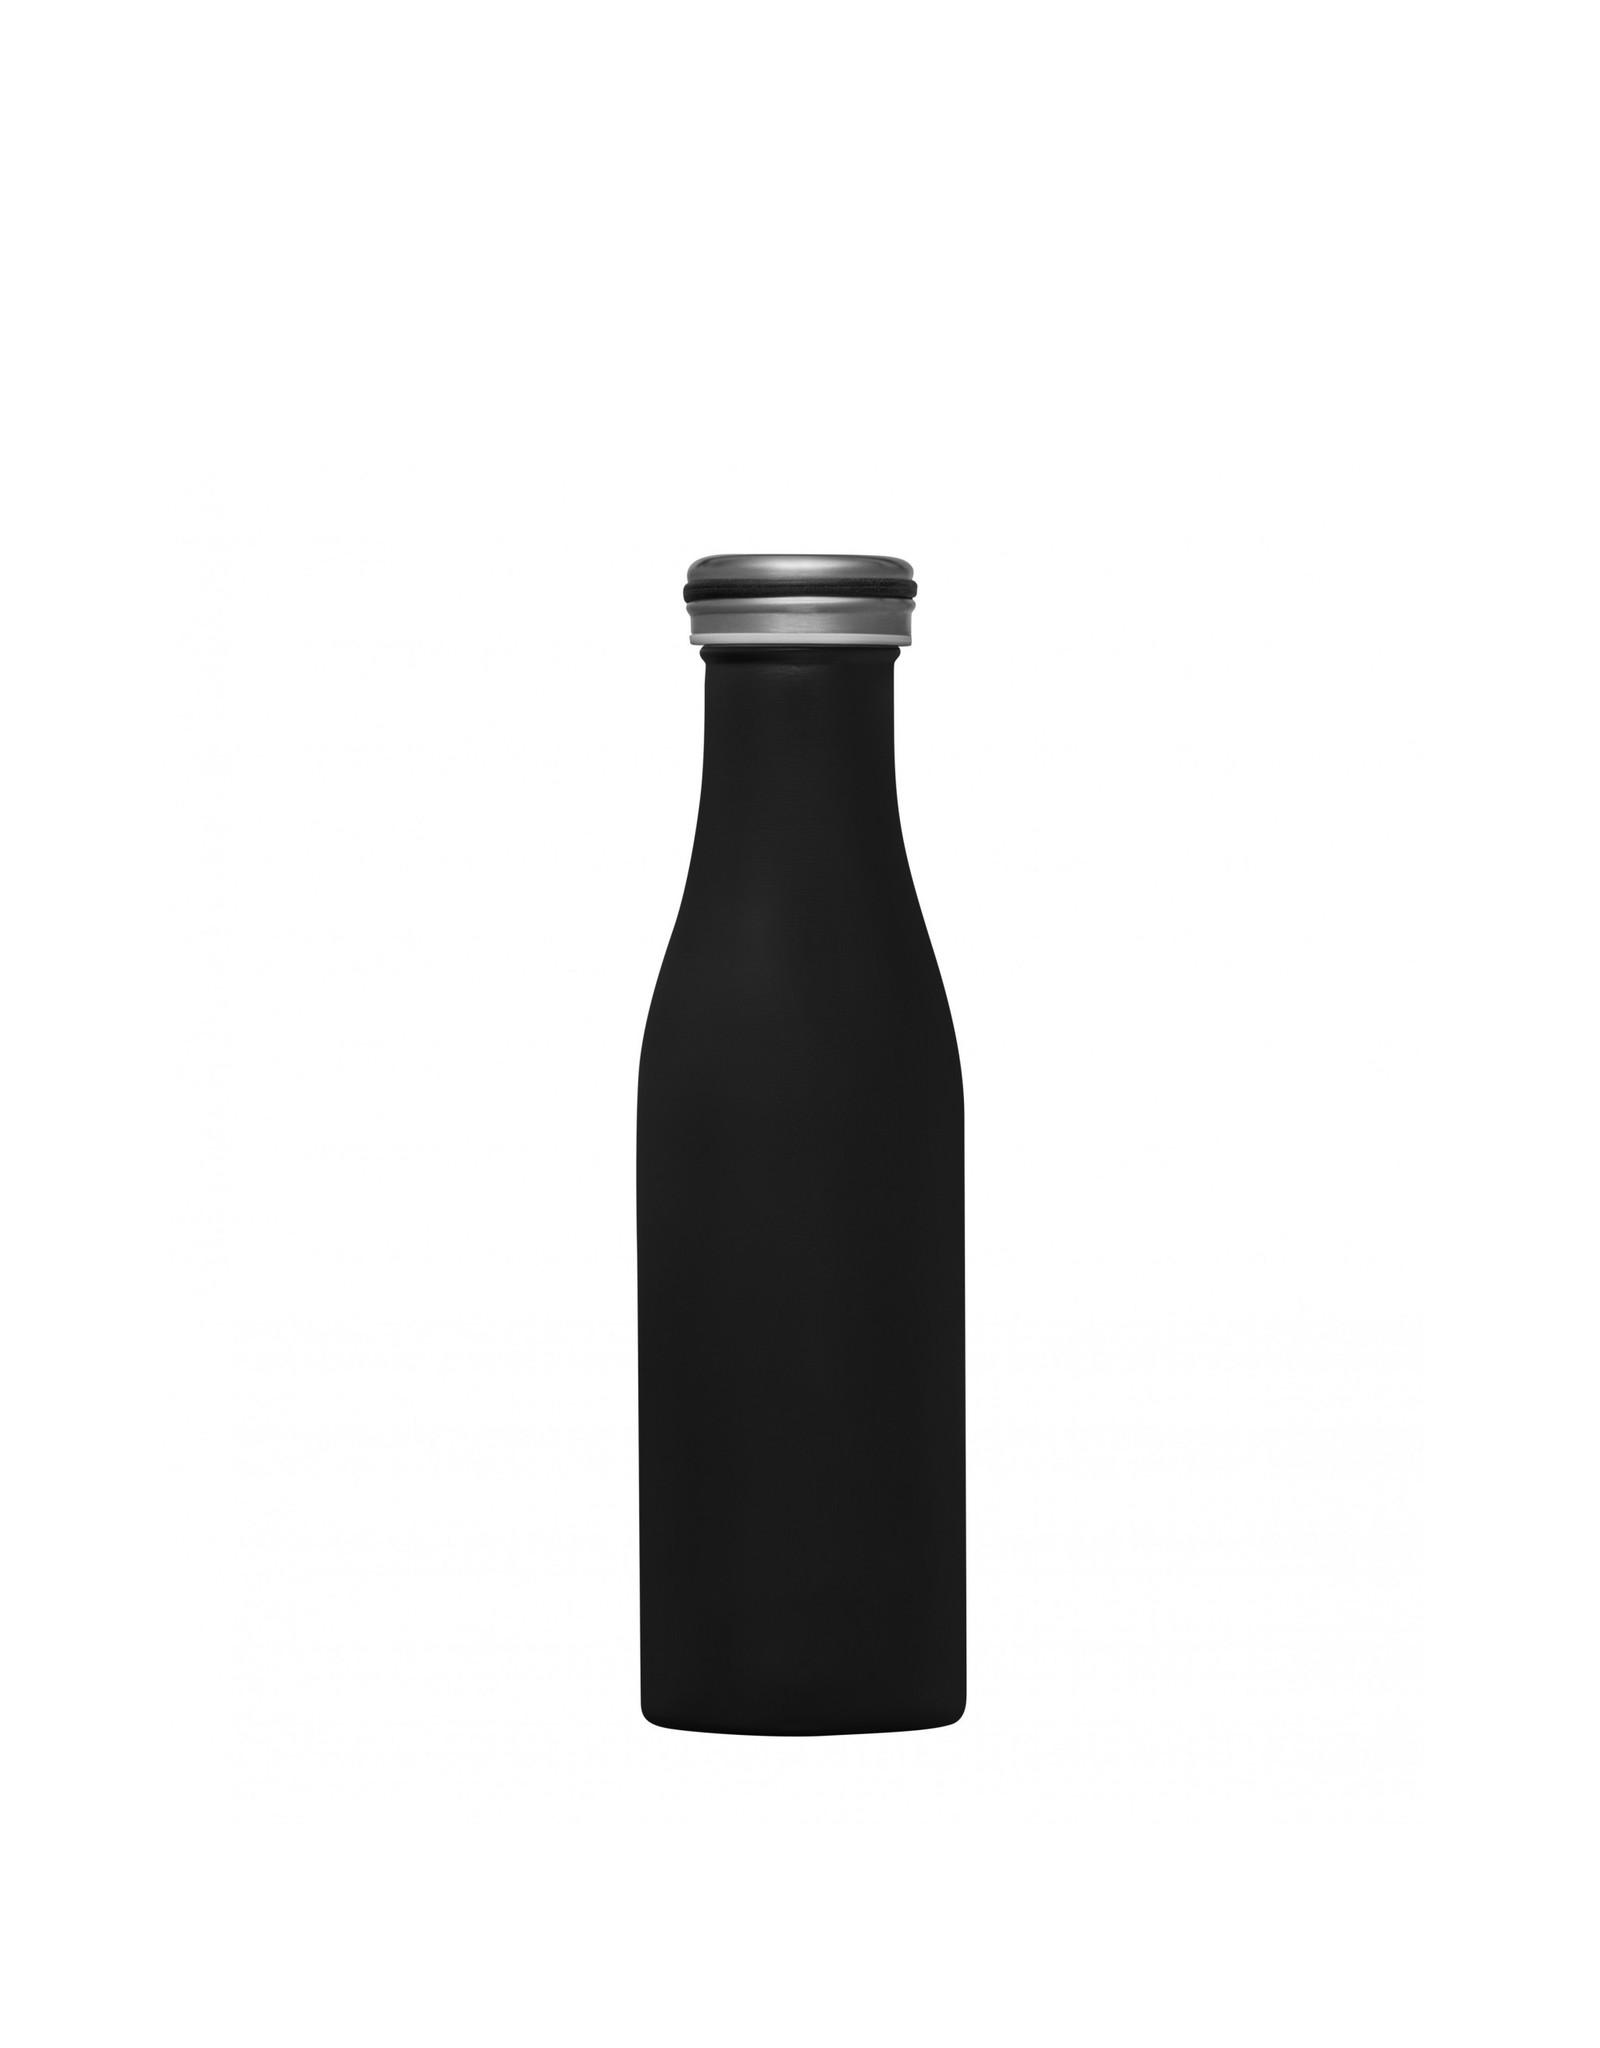 Dubbelwandige fles RVS 500ml zwart